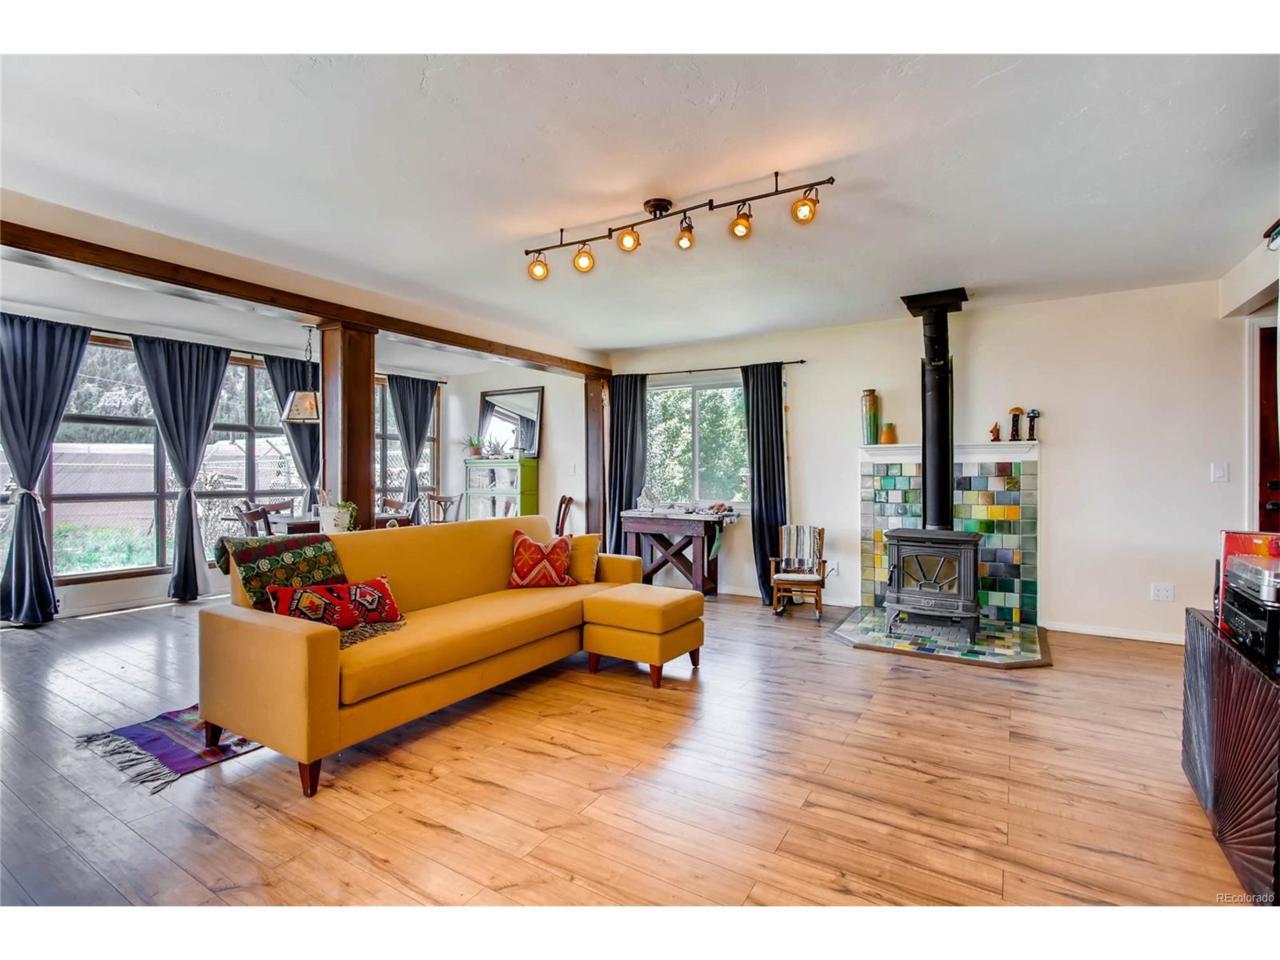 2920 Highway 91, Leadville, CO 80461 (MLS #9893274) :: 8z Real Estate